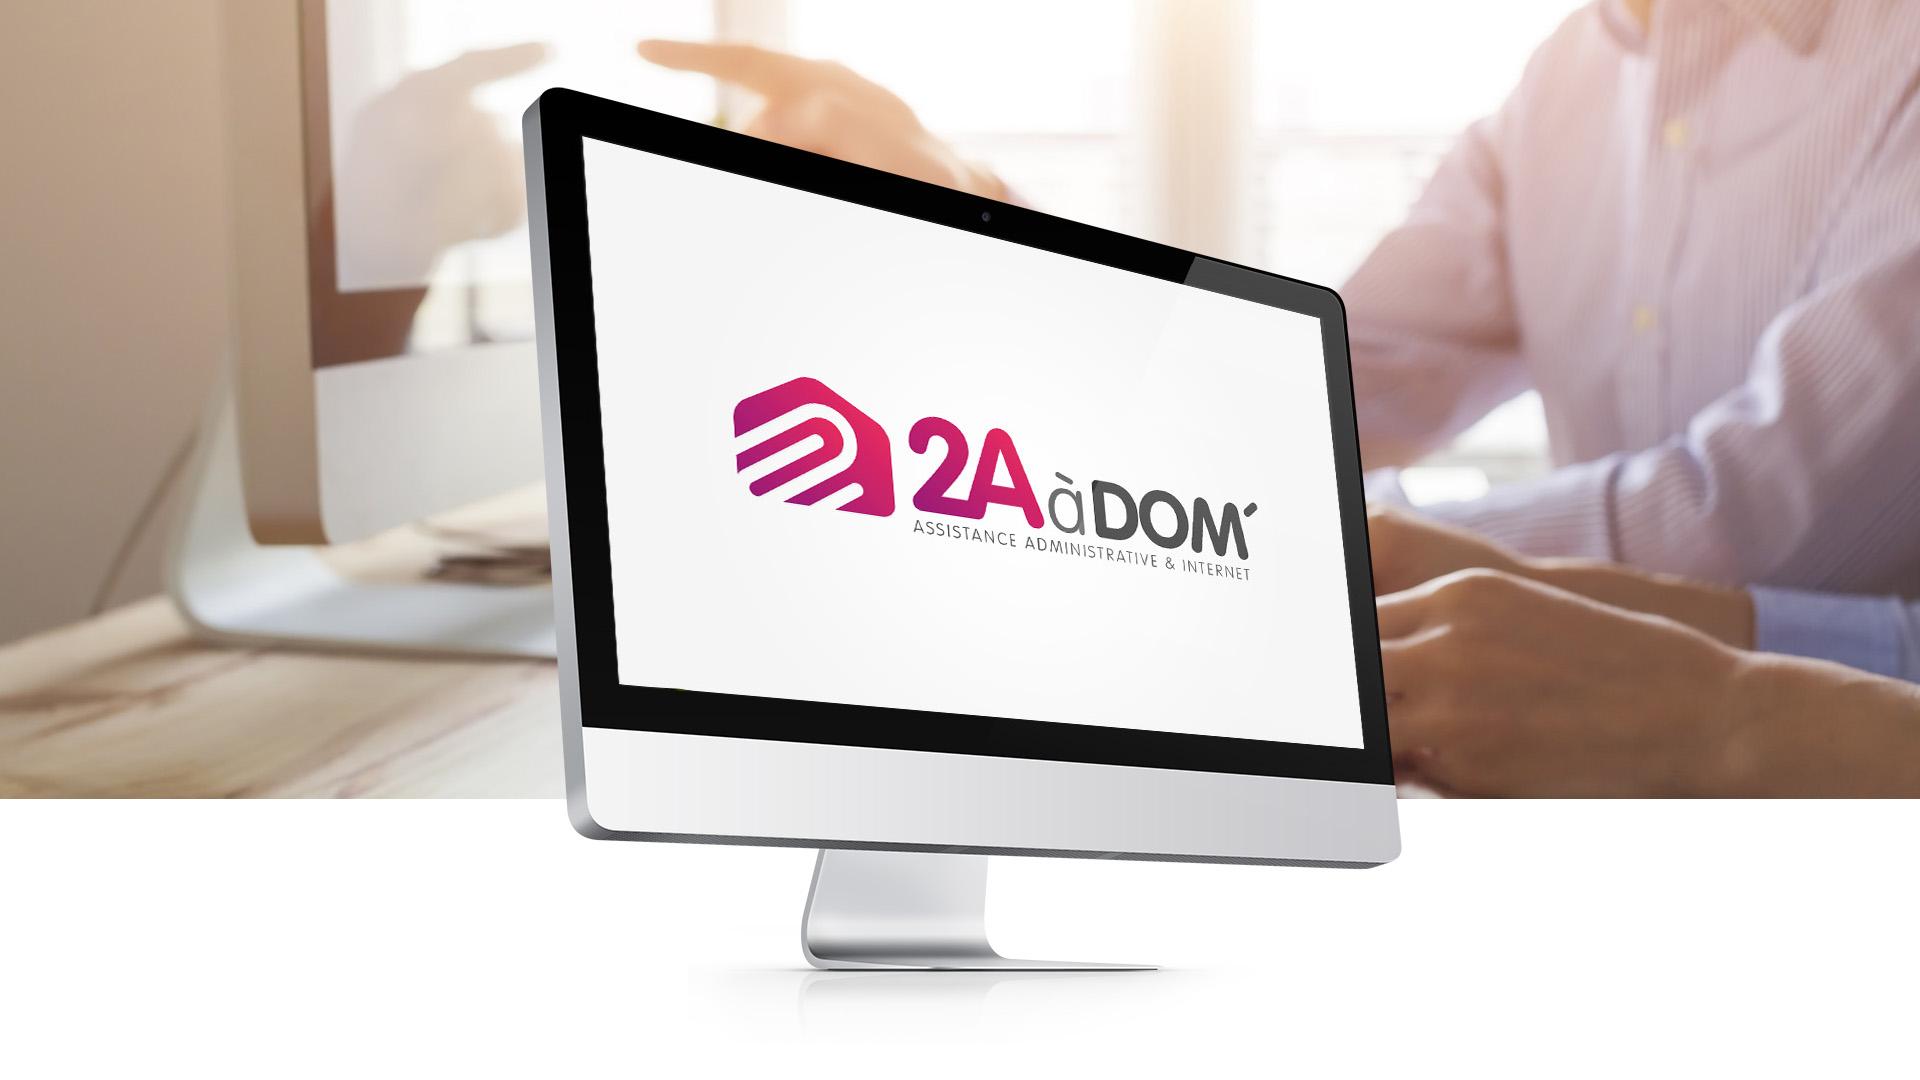 creation-logo-2AaDOM